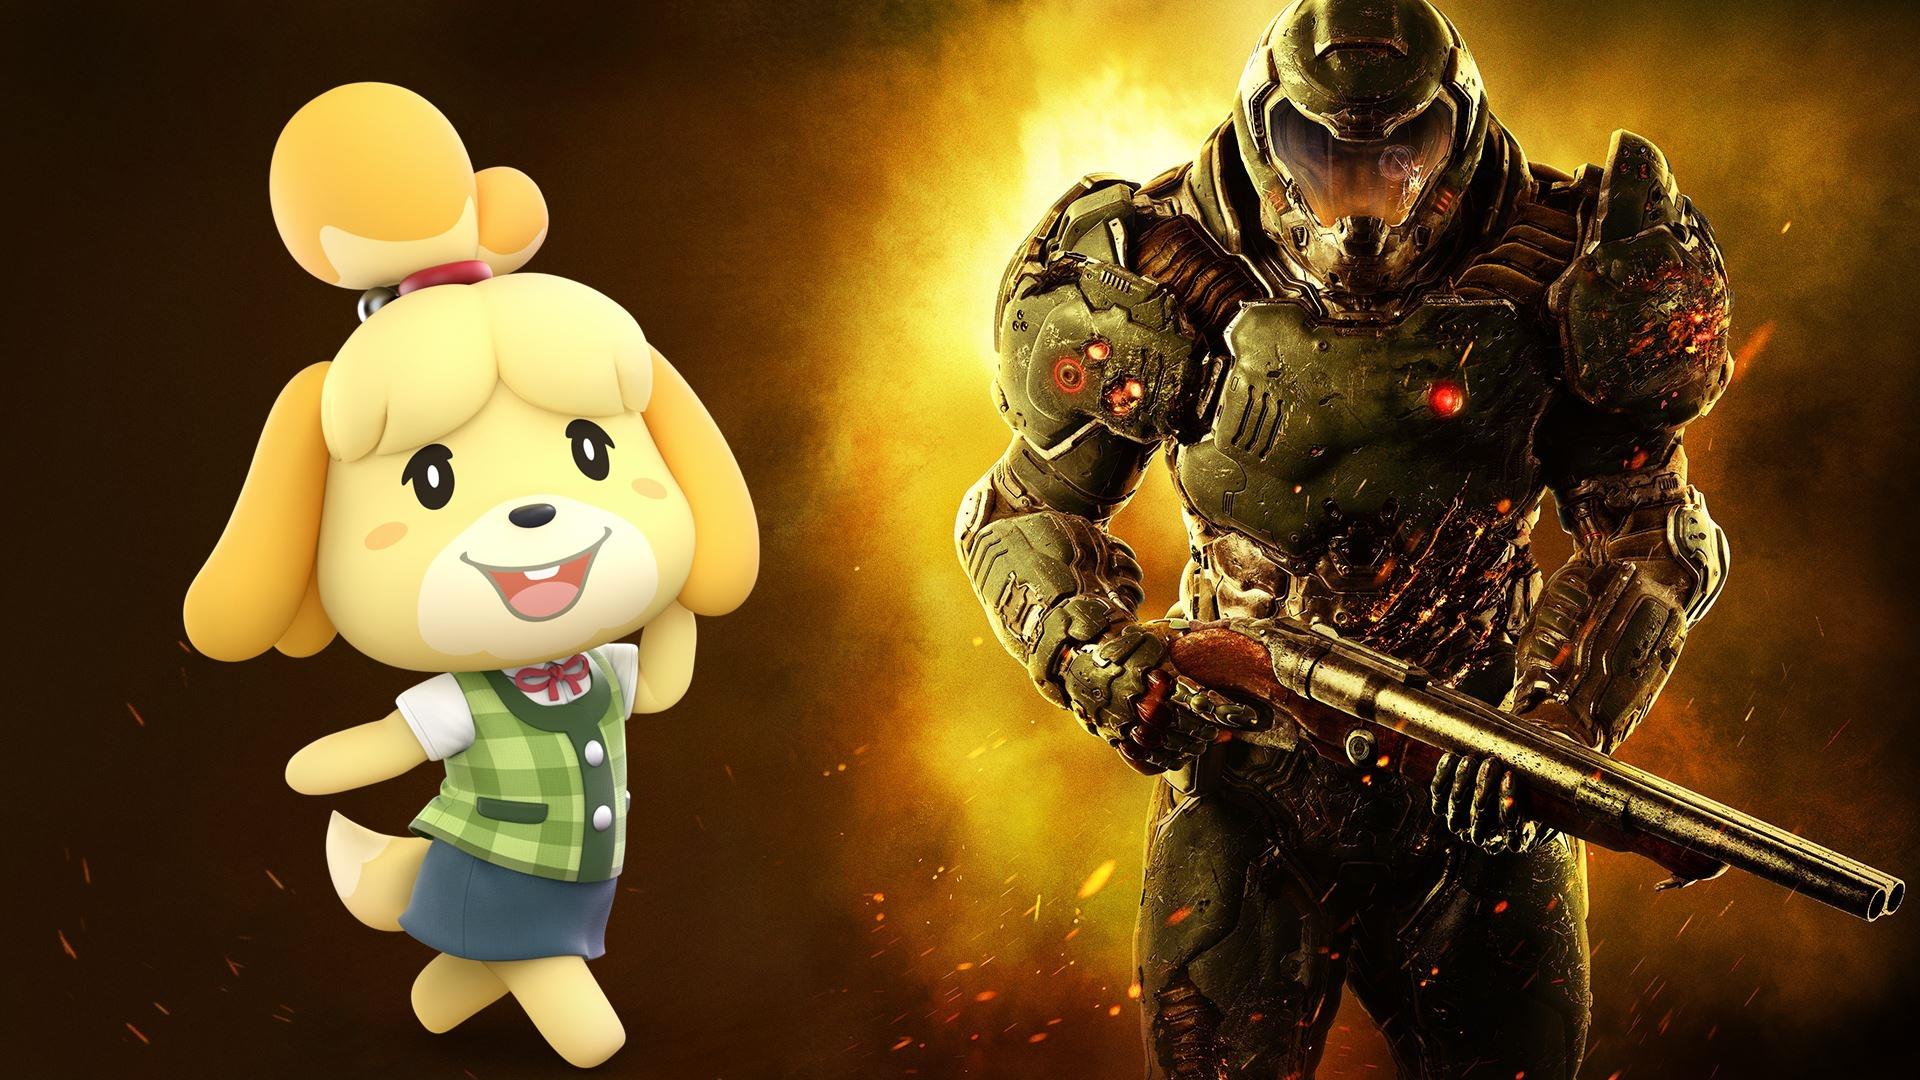 Doomguy Animal Crossing S Isabelle Are Best Friends Games 4 Geeks